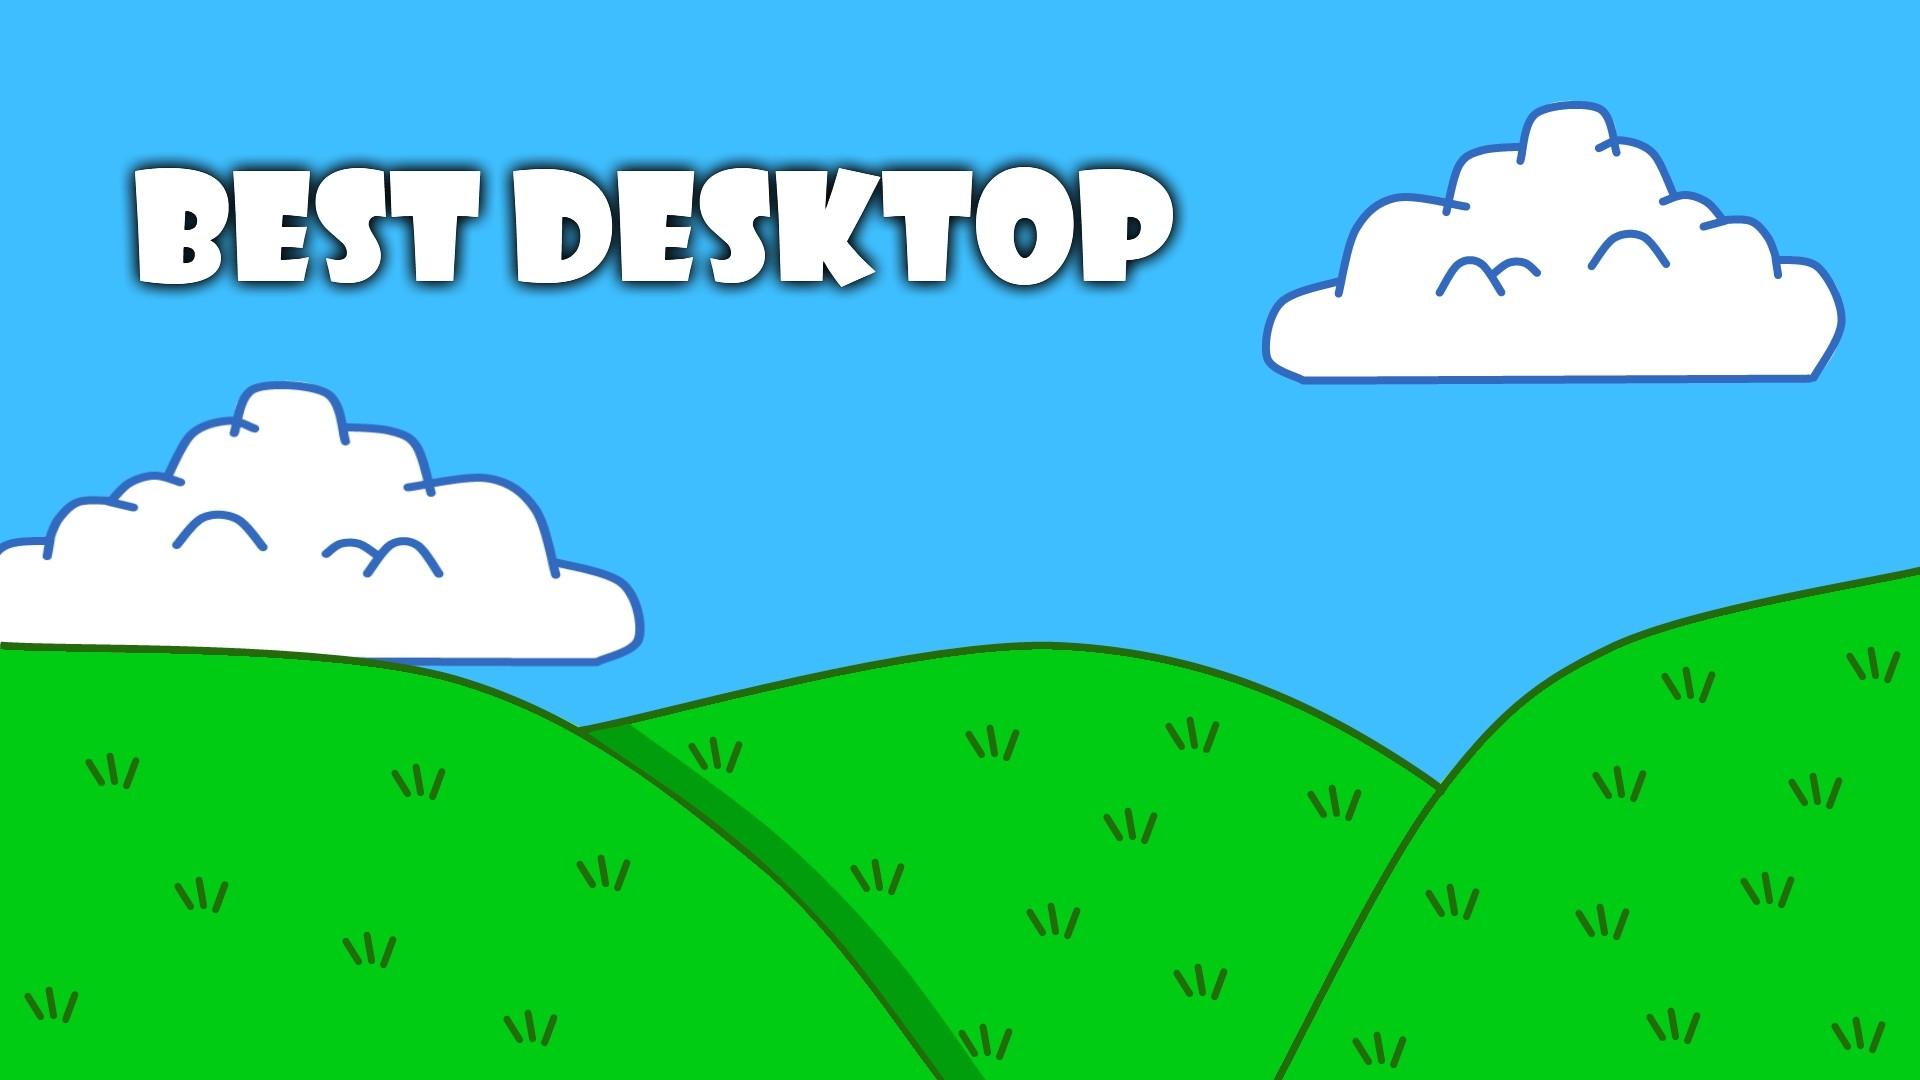 … Cartoon Wallpaper with text Best Desktop by PetrHonc